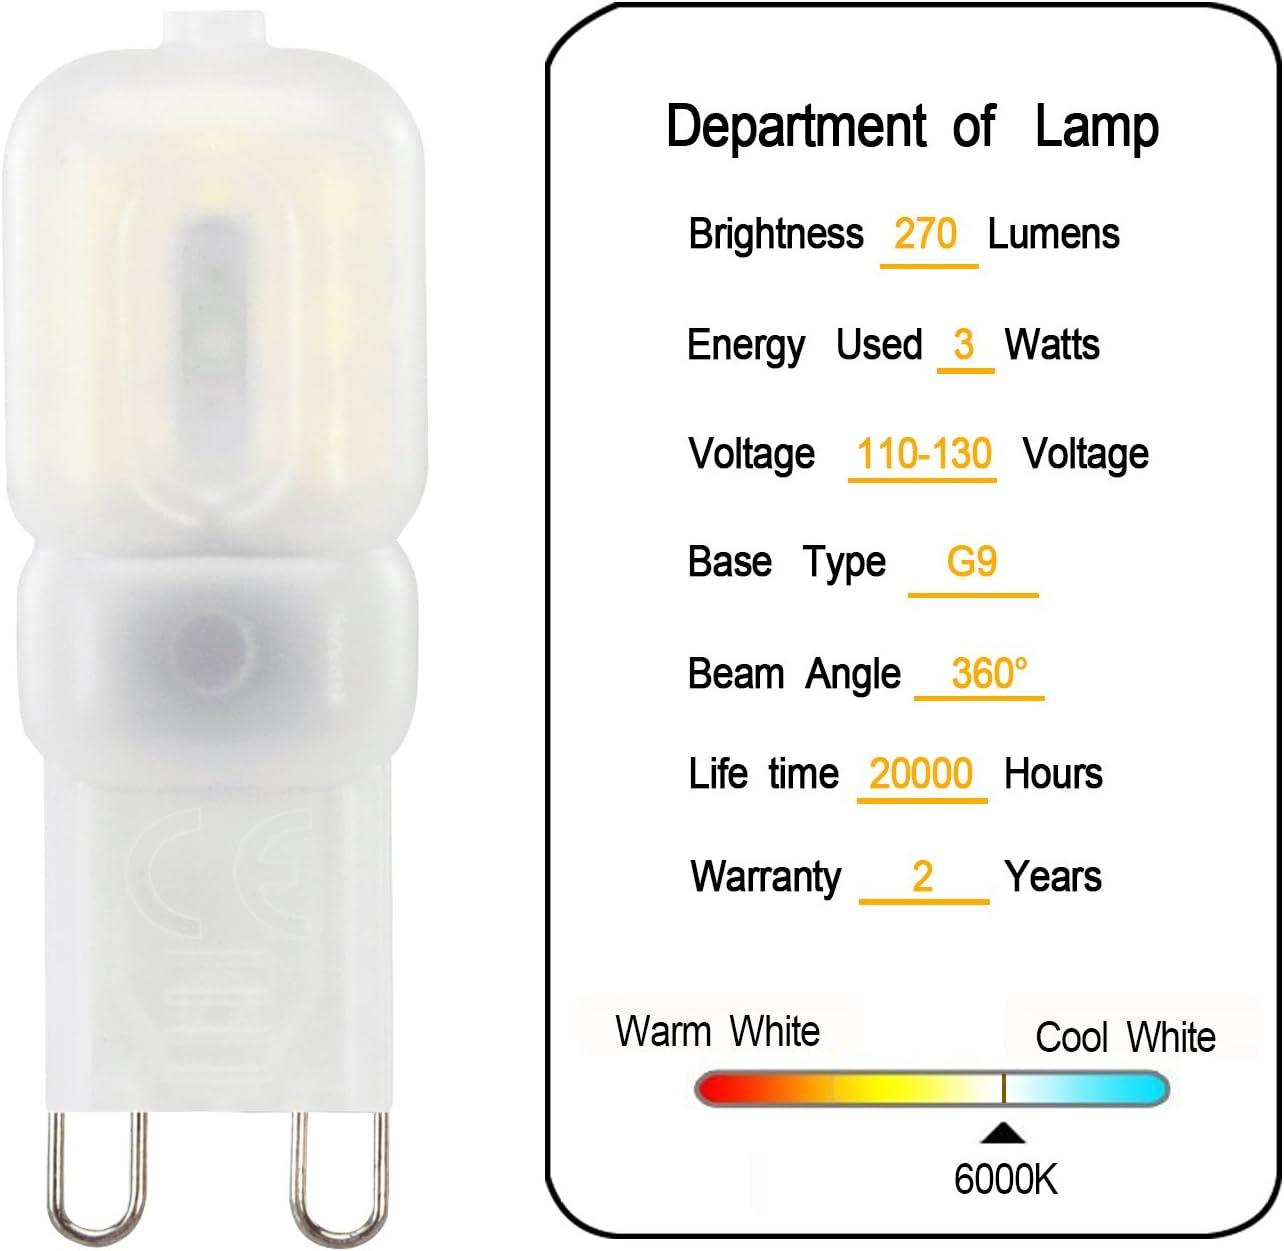 Velouer Indoor Lighting G9 Led Light Bulbs Dimmable G9 Bulb 3W LED Bulbs Replace 25W Halogen Warm White 3000K Energy Saving Bulb 10 Pack